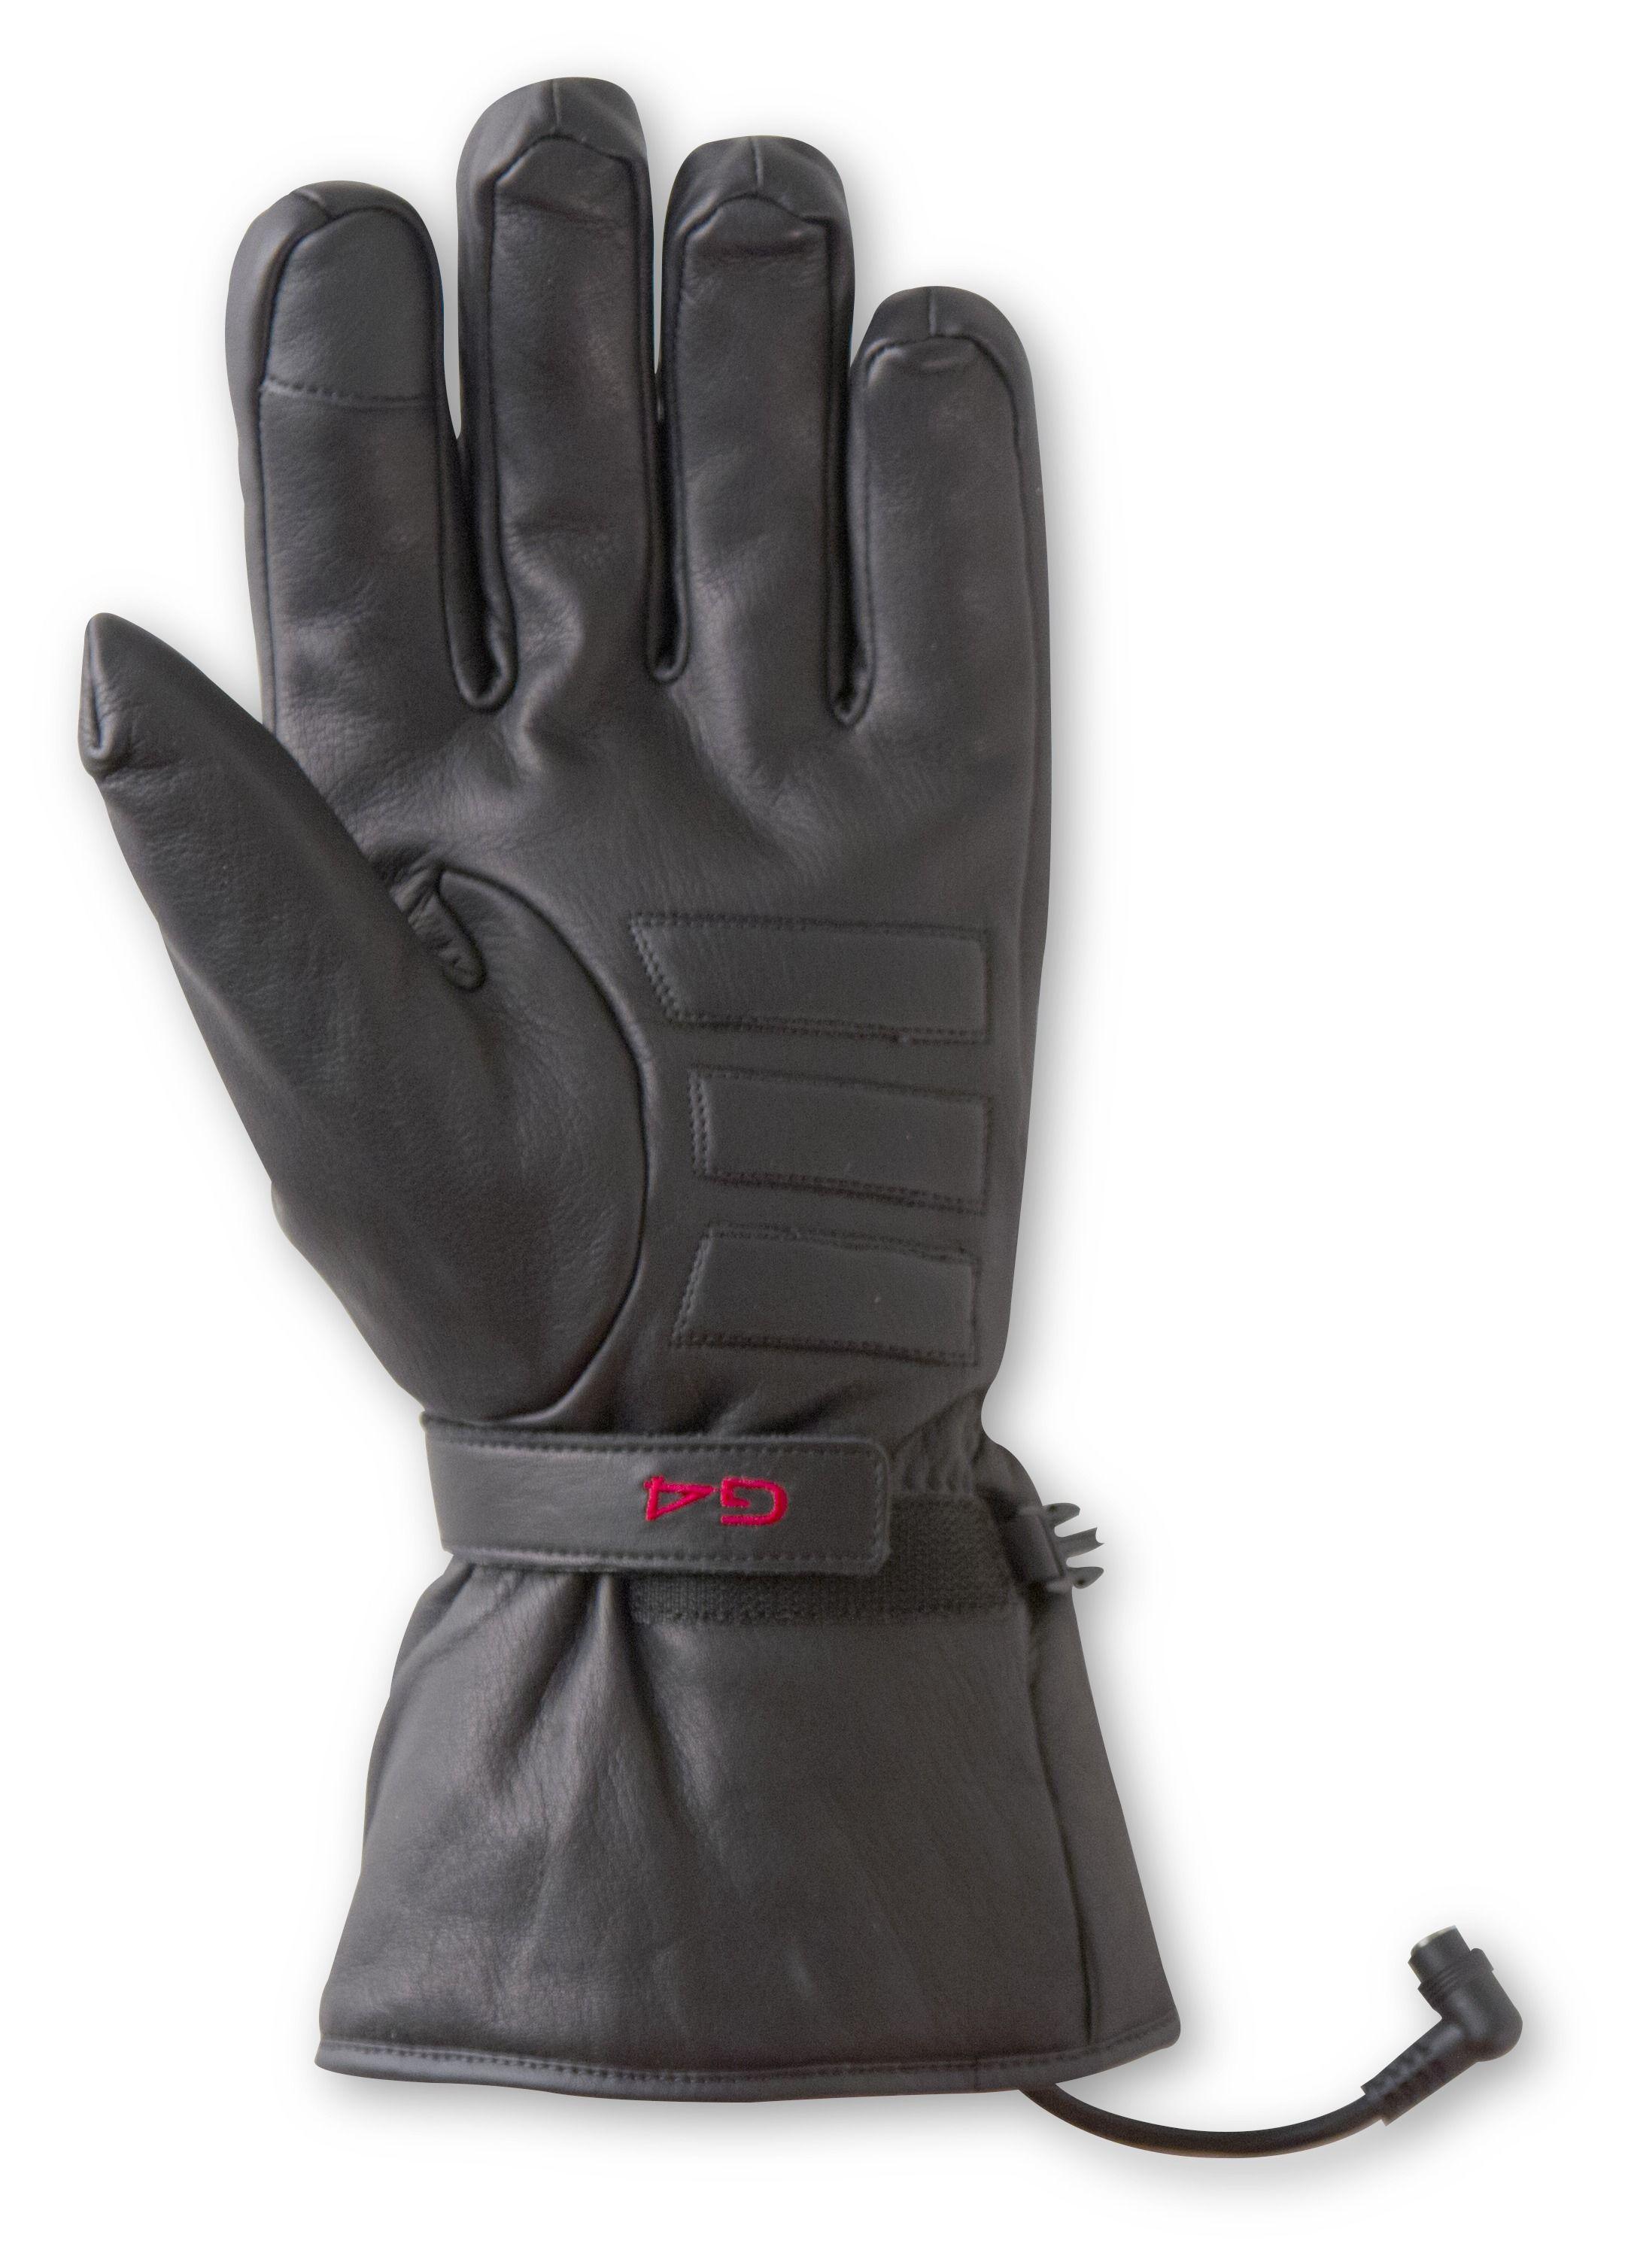 Gerbing 12V G4 Gloves - RevZilla